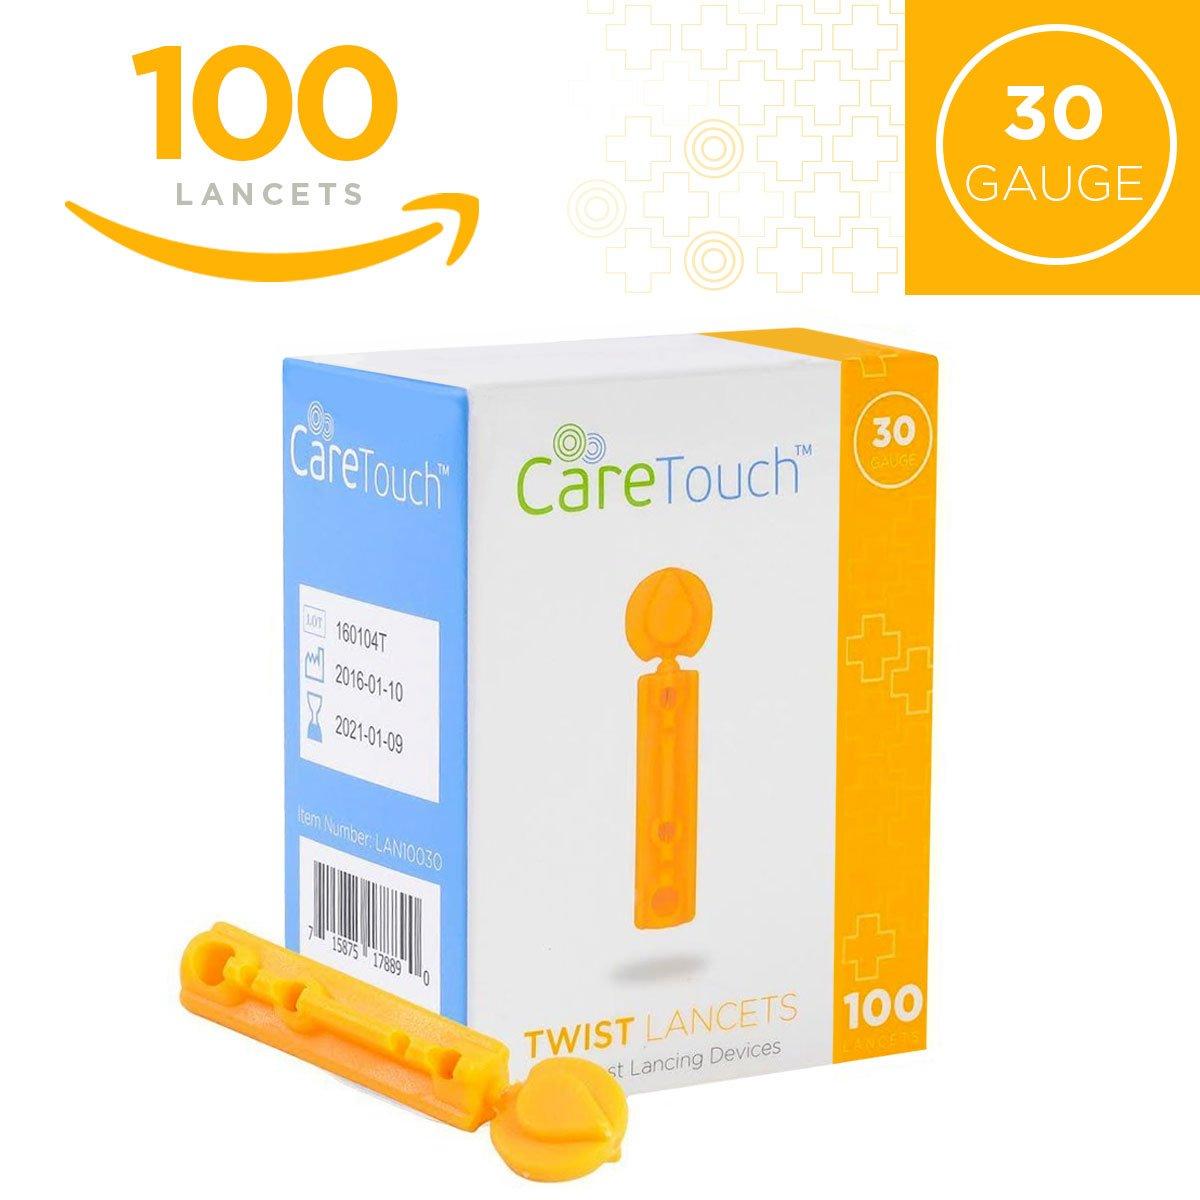 Care Touch Twist Top Lancets 30 Gauge, 100 Lancets